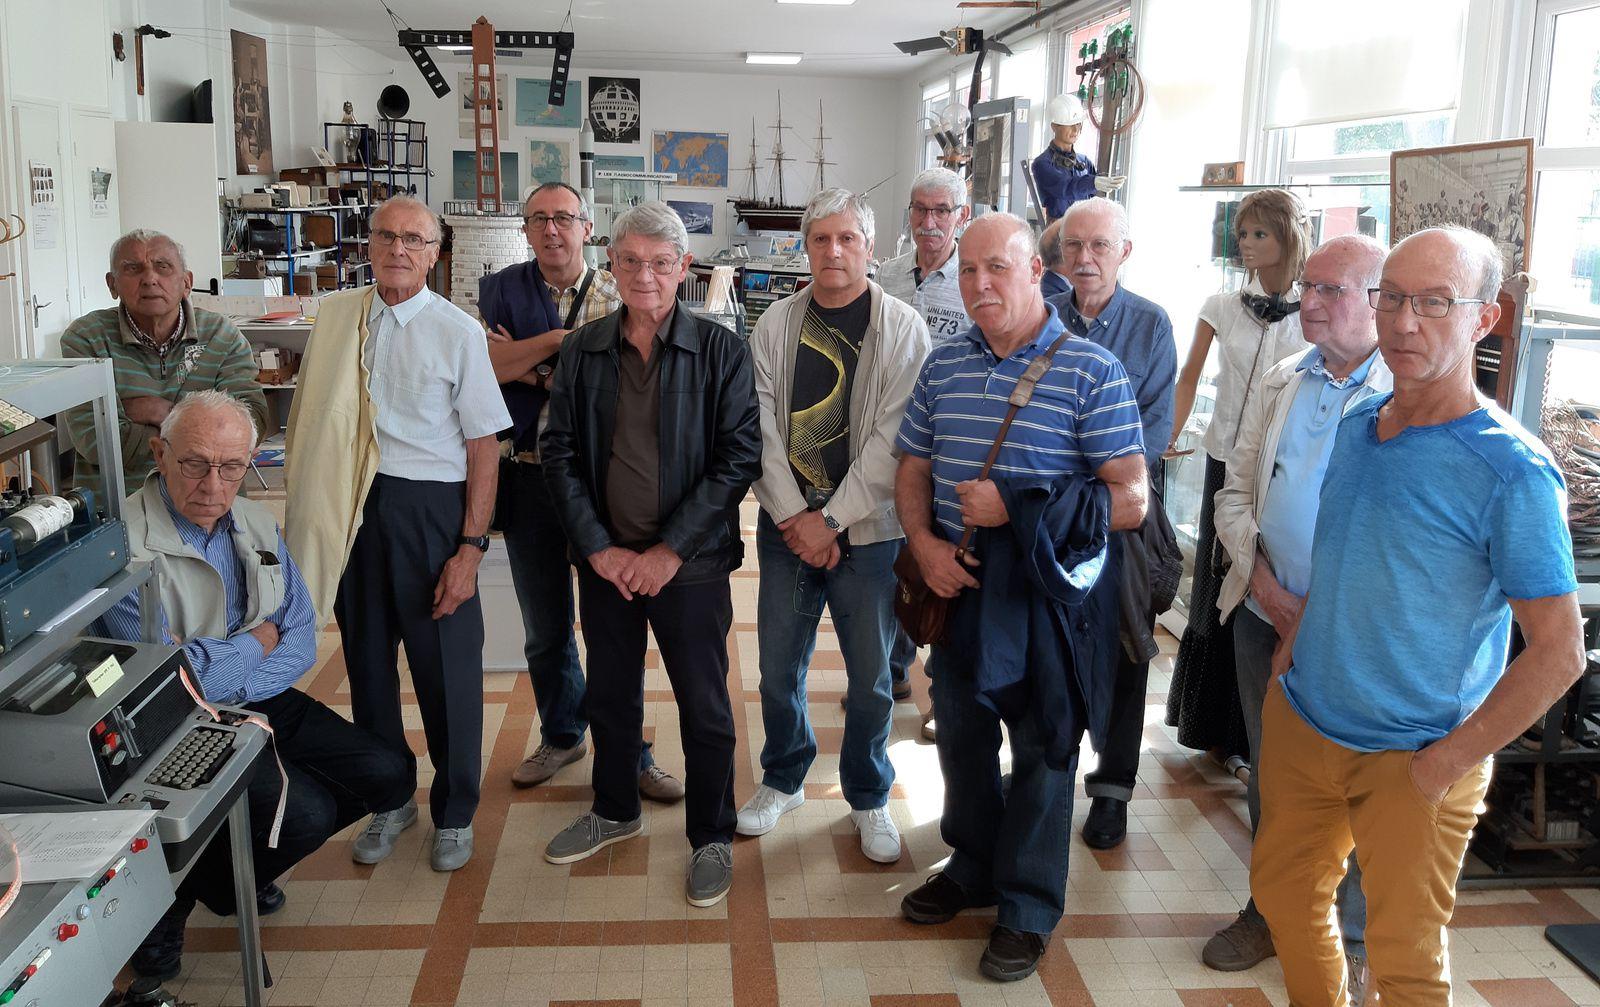 Visite du Musée des Télécommunications de Marcq en Baroeul et du Musée de la Rubanerie à Comines Belgique